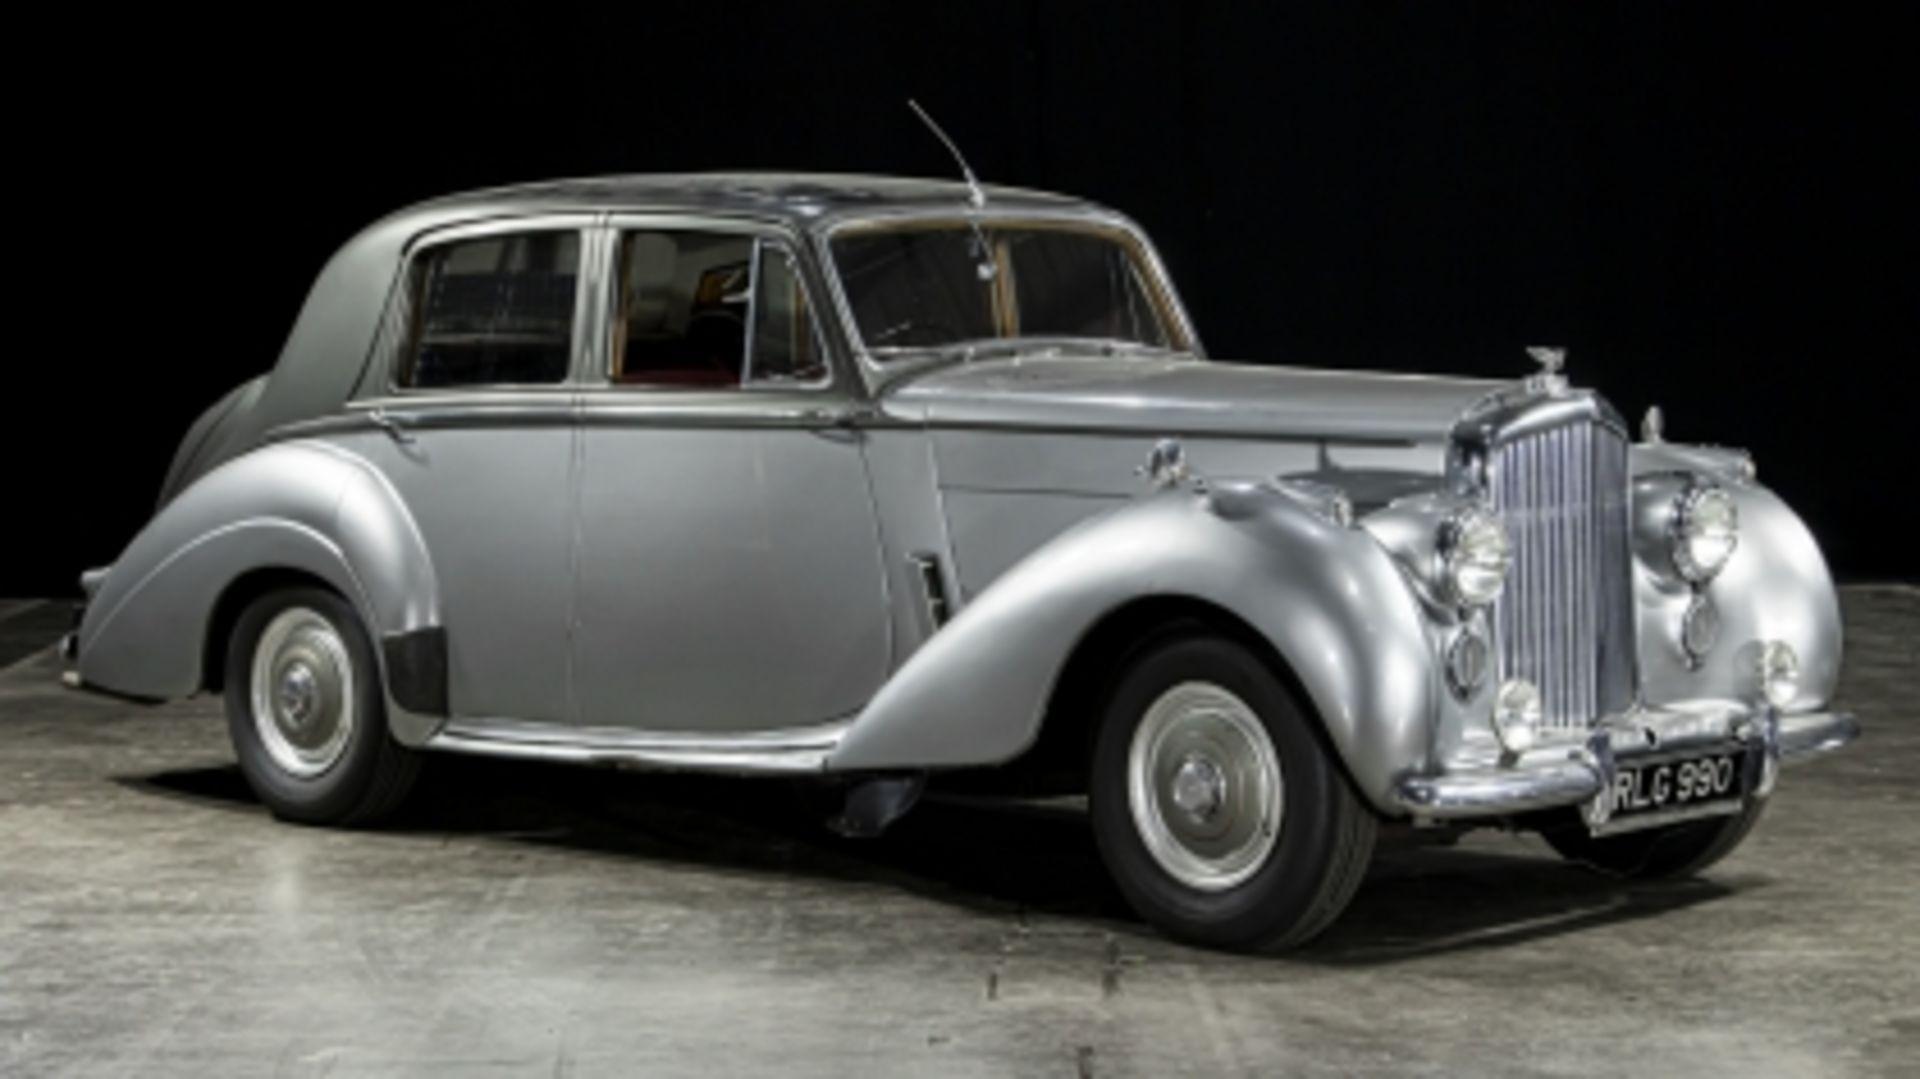 Lot 543 - 1953 Bentley R-Type